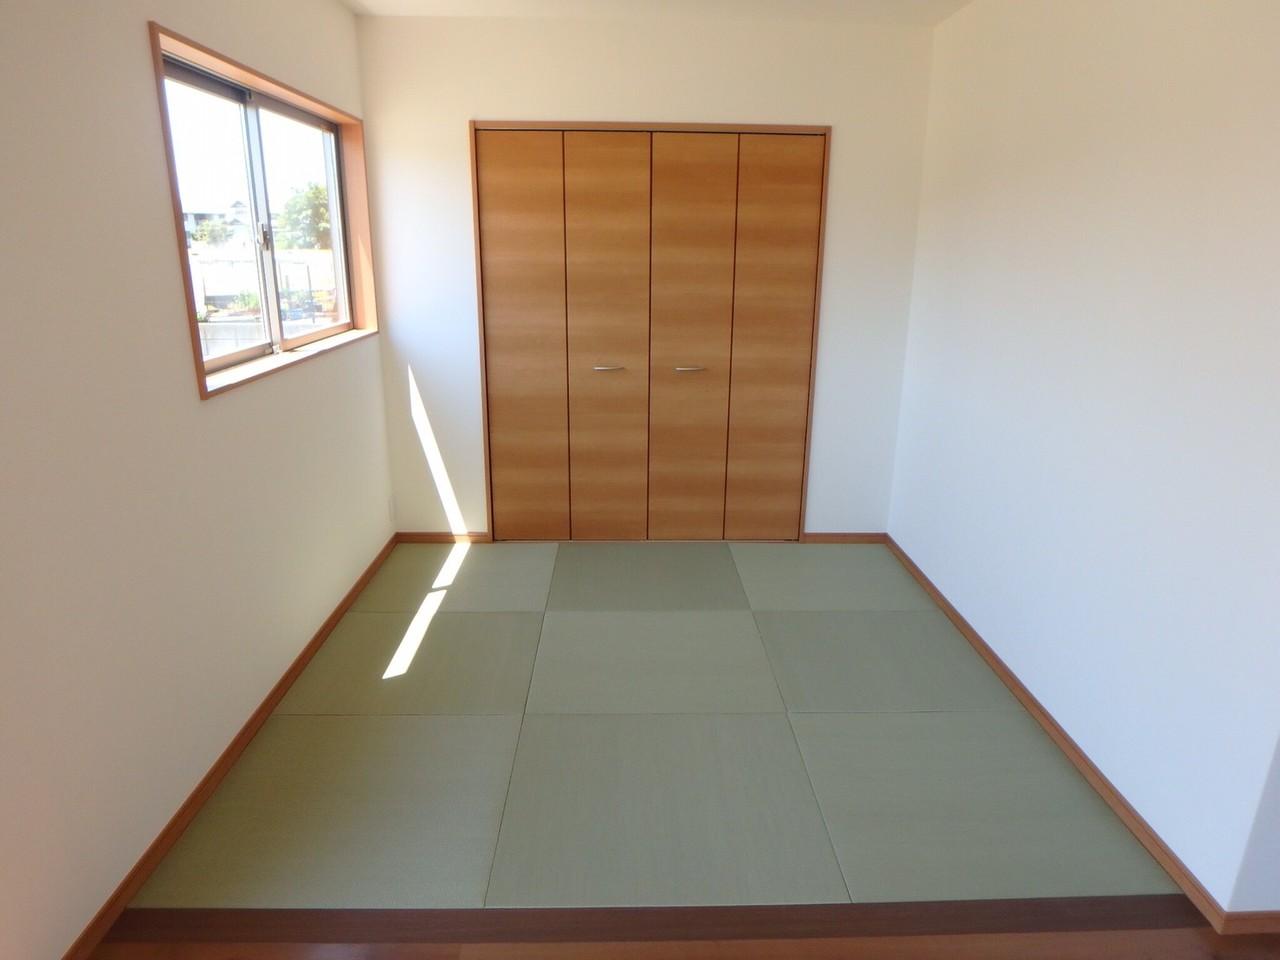 続きの間になっている和室は、お子様が小さいときはキッズスペースに。 将来的には、吊り扉をつけて客間にすることもできます。 1階に和室があると、ご両親が来た時など、重宝します。